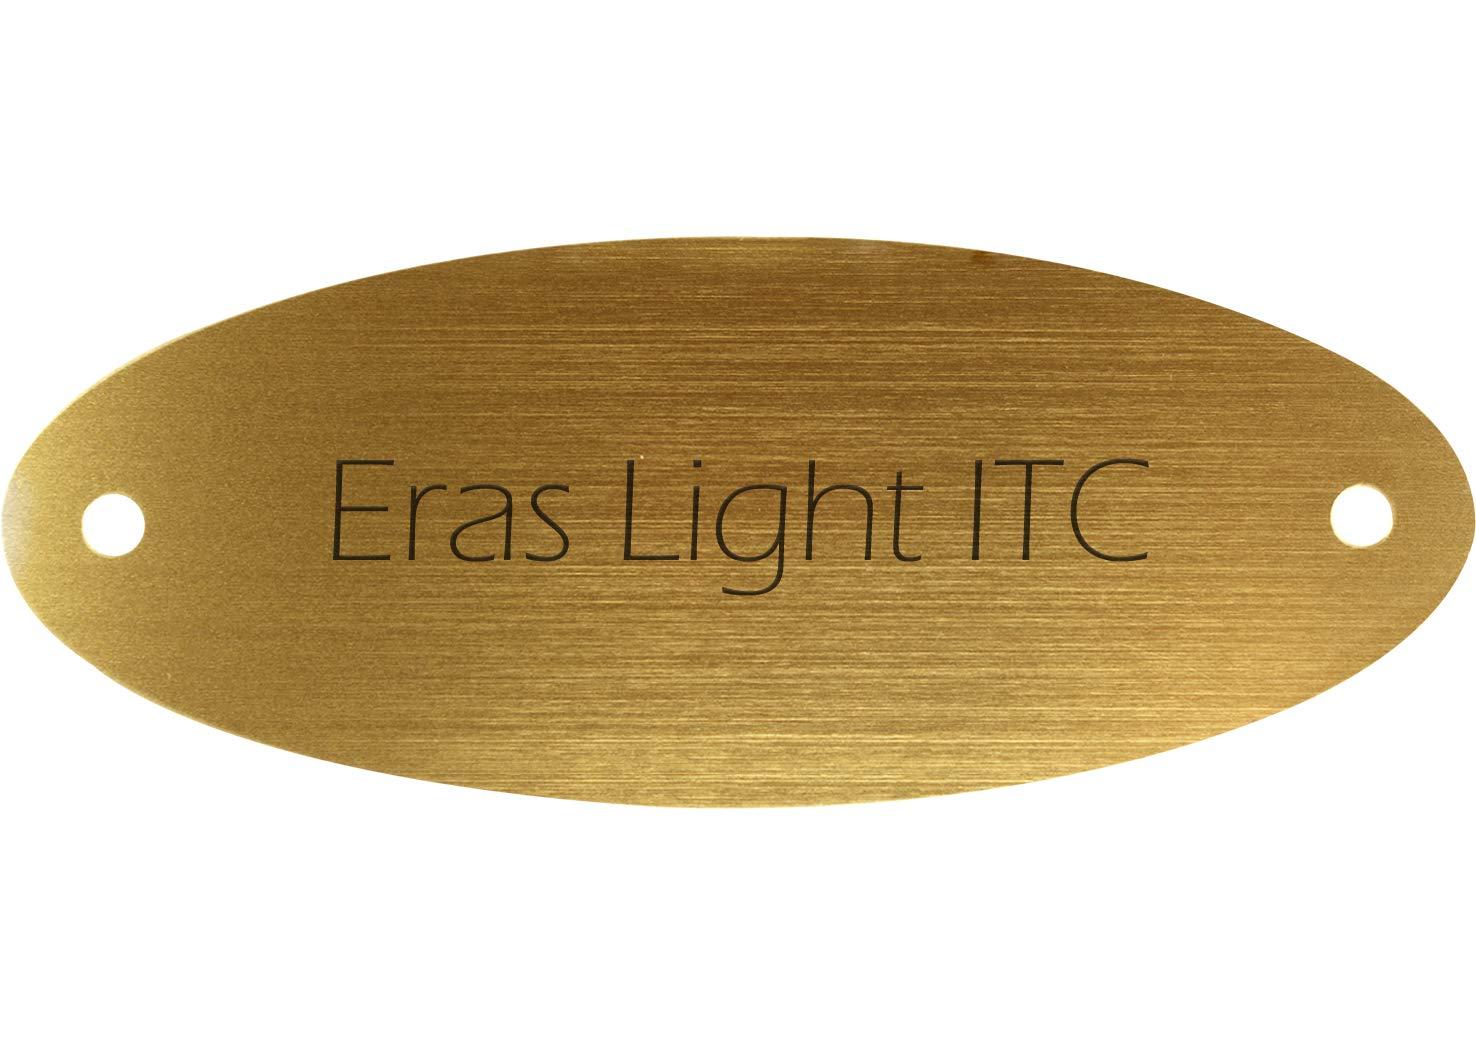 Kopierladen Targa campanello con incisione personalizzata, palstica dorata metallizzata, 115 x 45 mm, ovale, testo inciso nero, carattere: Eras Light ITC